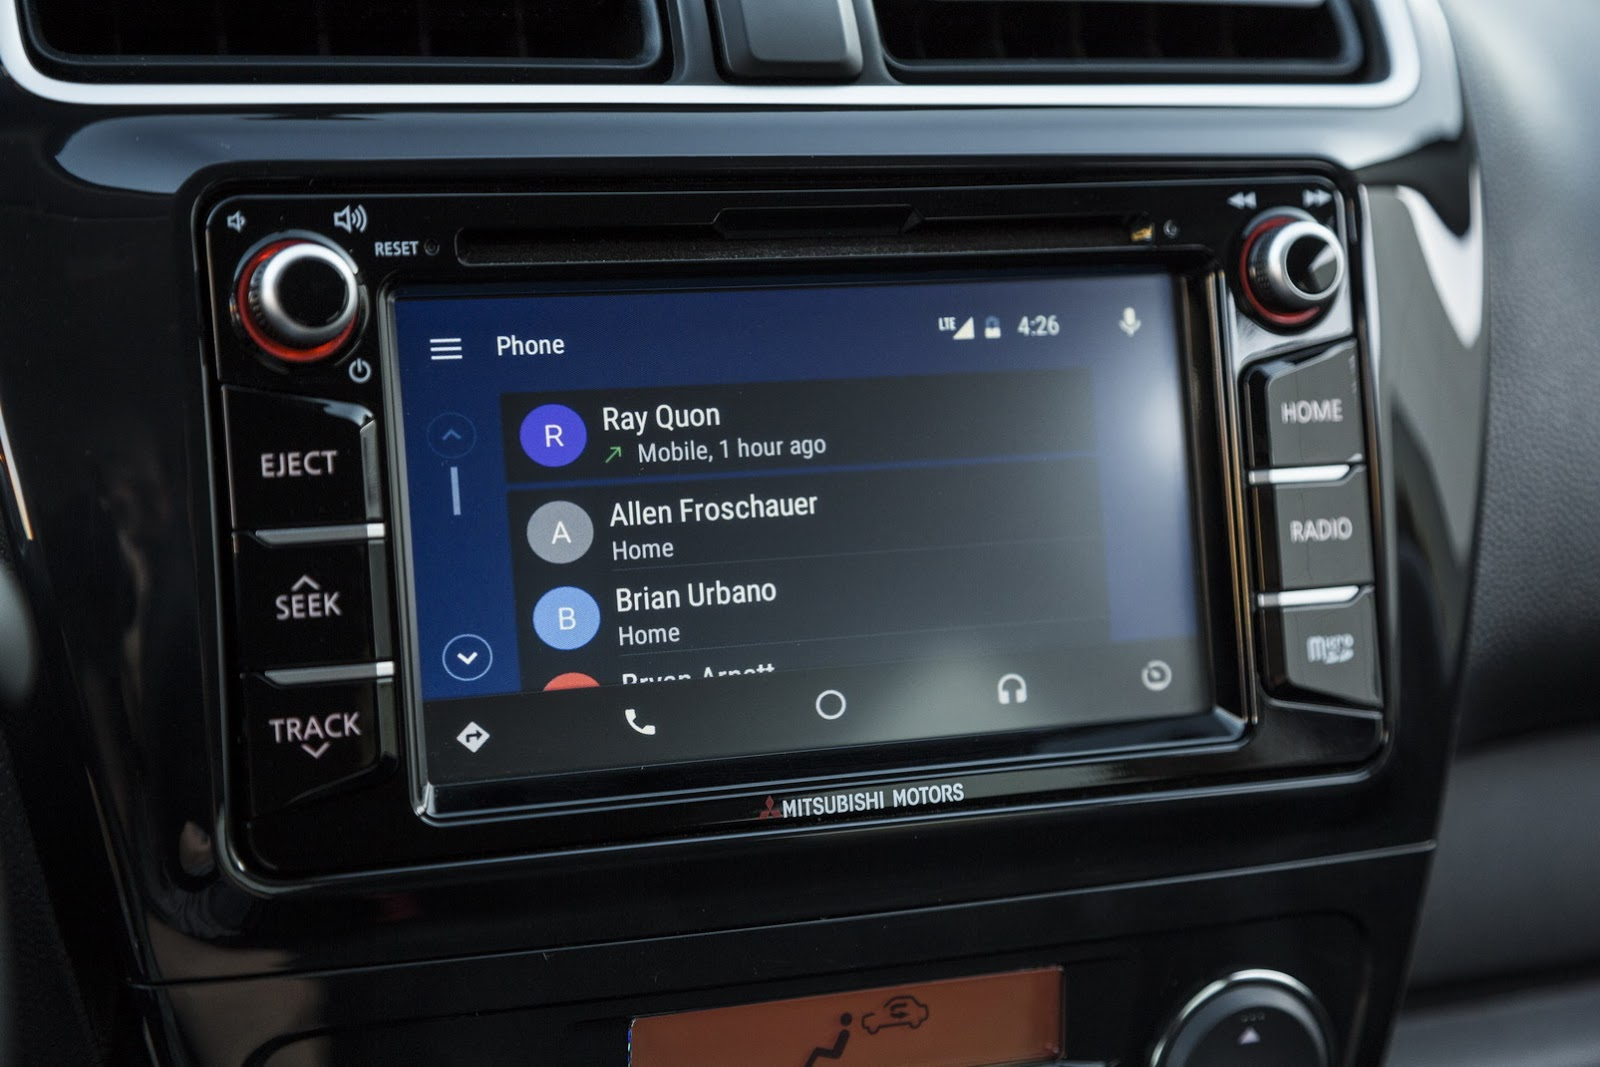 Mitsubishi Mirage 2017 Price >> 2017 Mitsubishi Mirage Updated with New Look, CarPlay and Android Auto - autoevolution